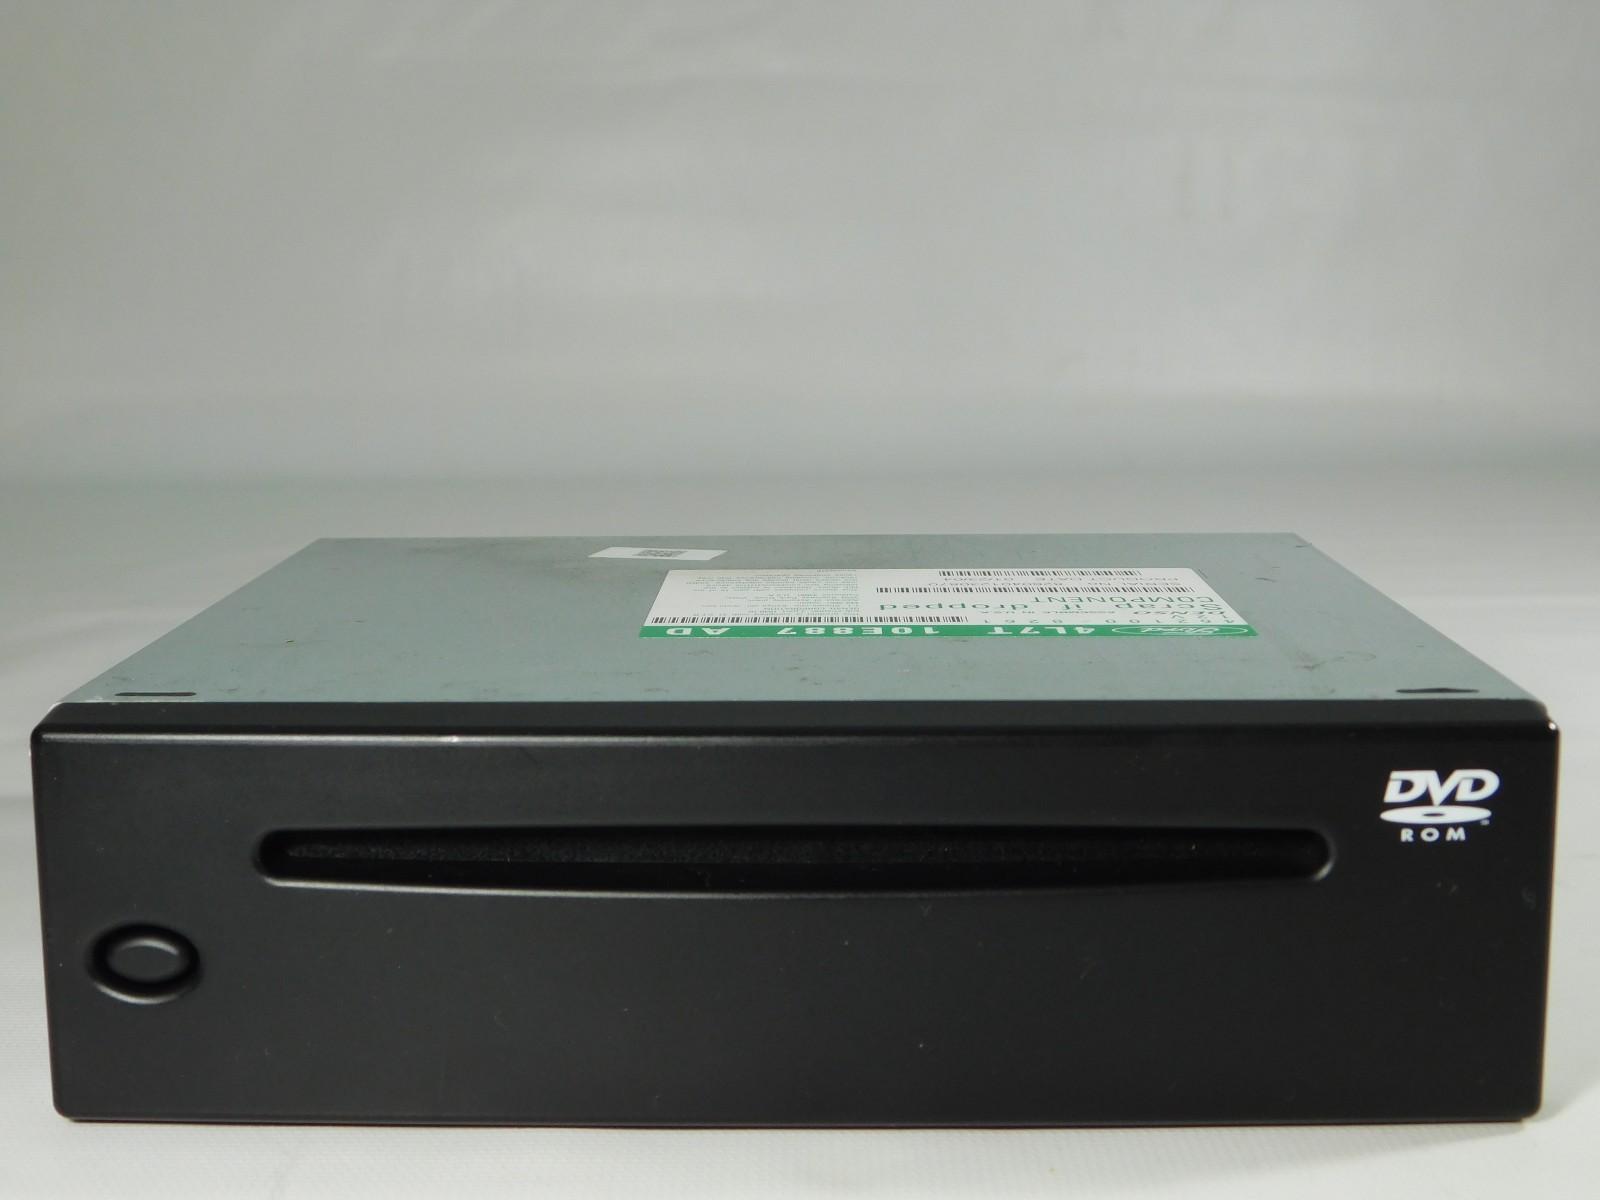 04 06 lincoln navigator ls aviator navigation gps system dvd rom map disc oem ebay. Black Bedroom Furniture Sets. Home Design Ideas